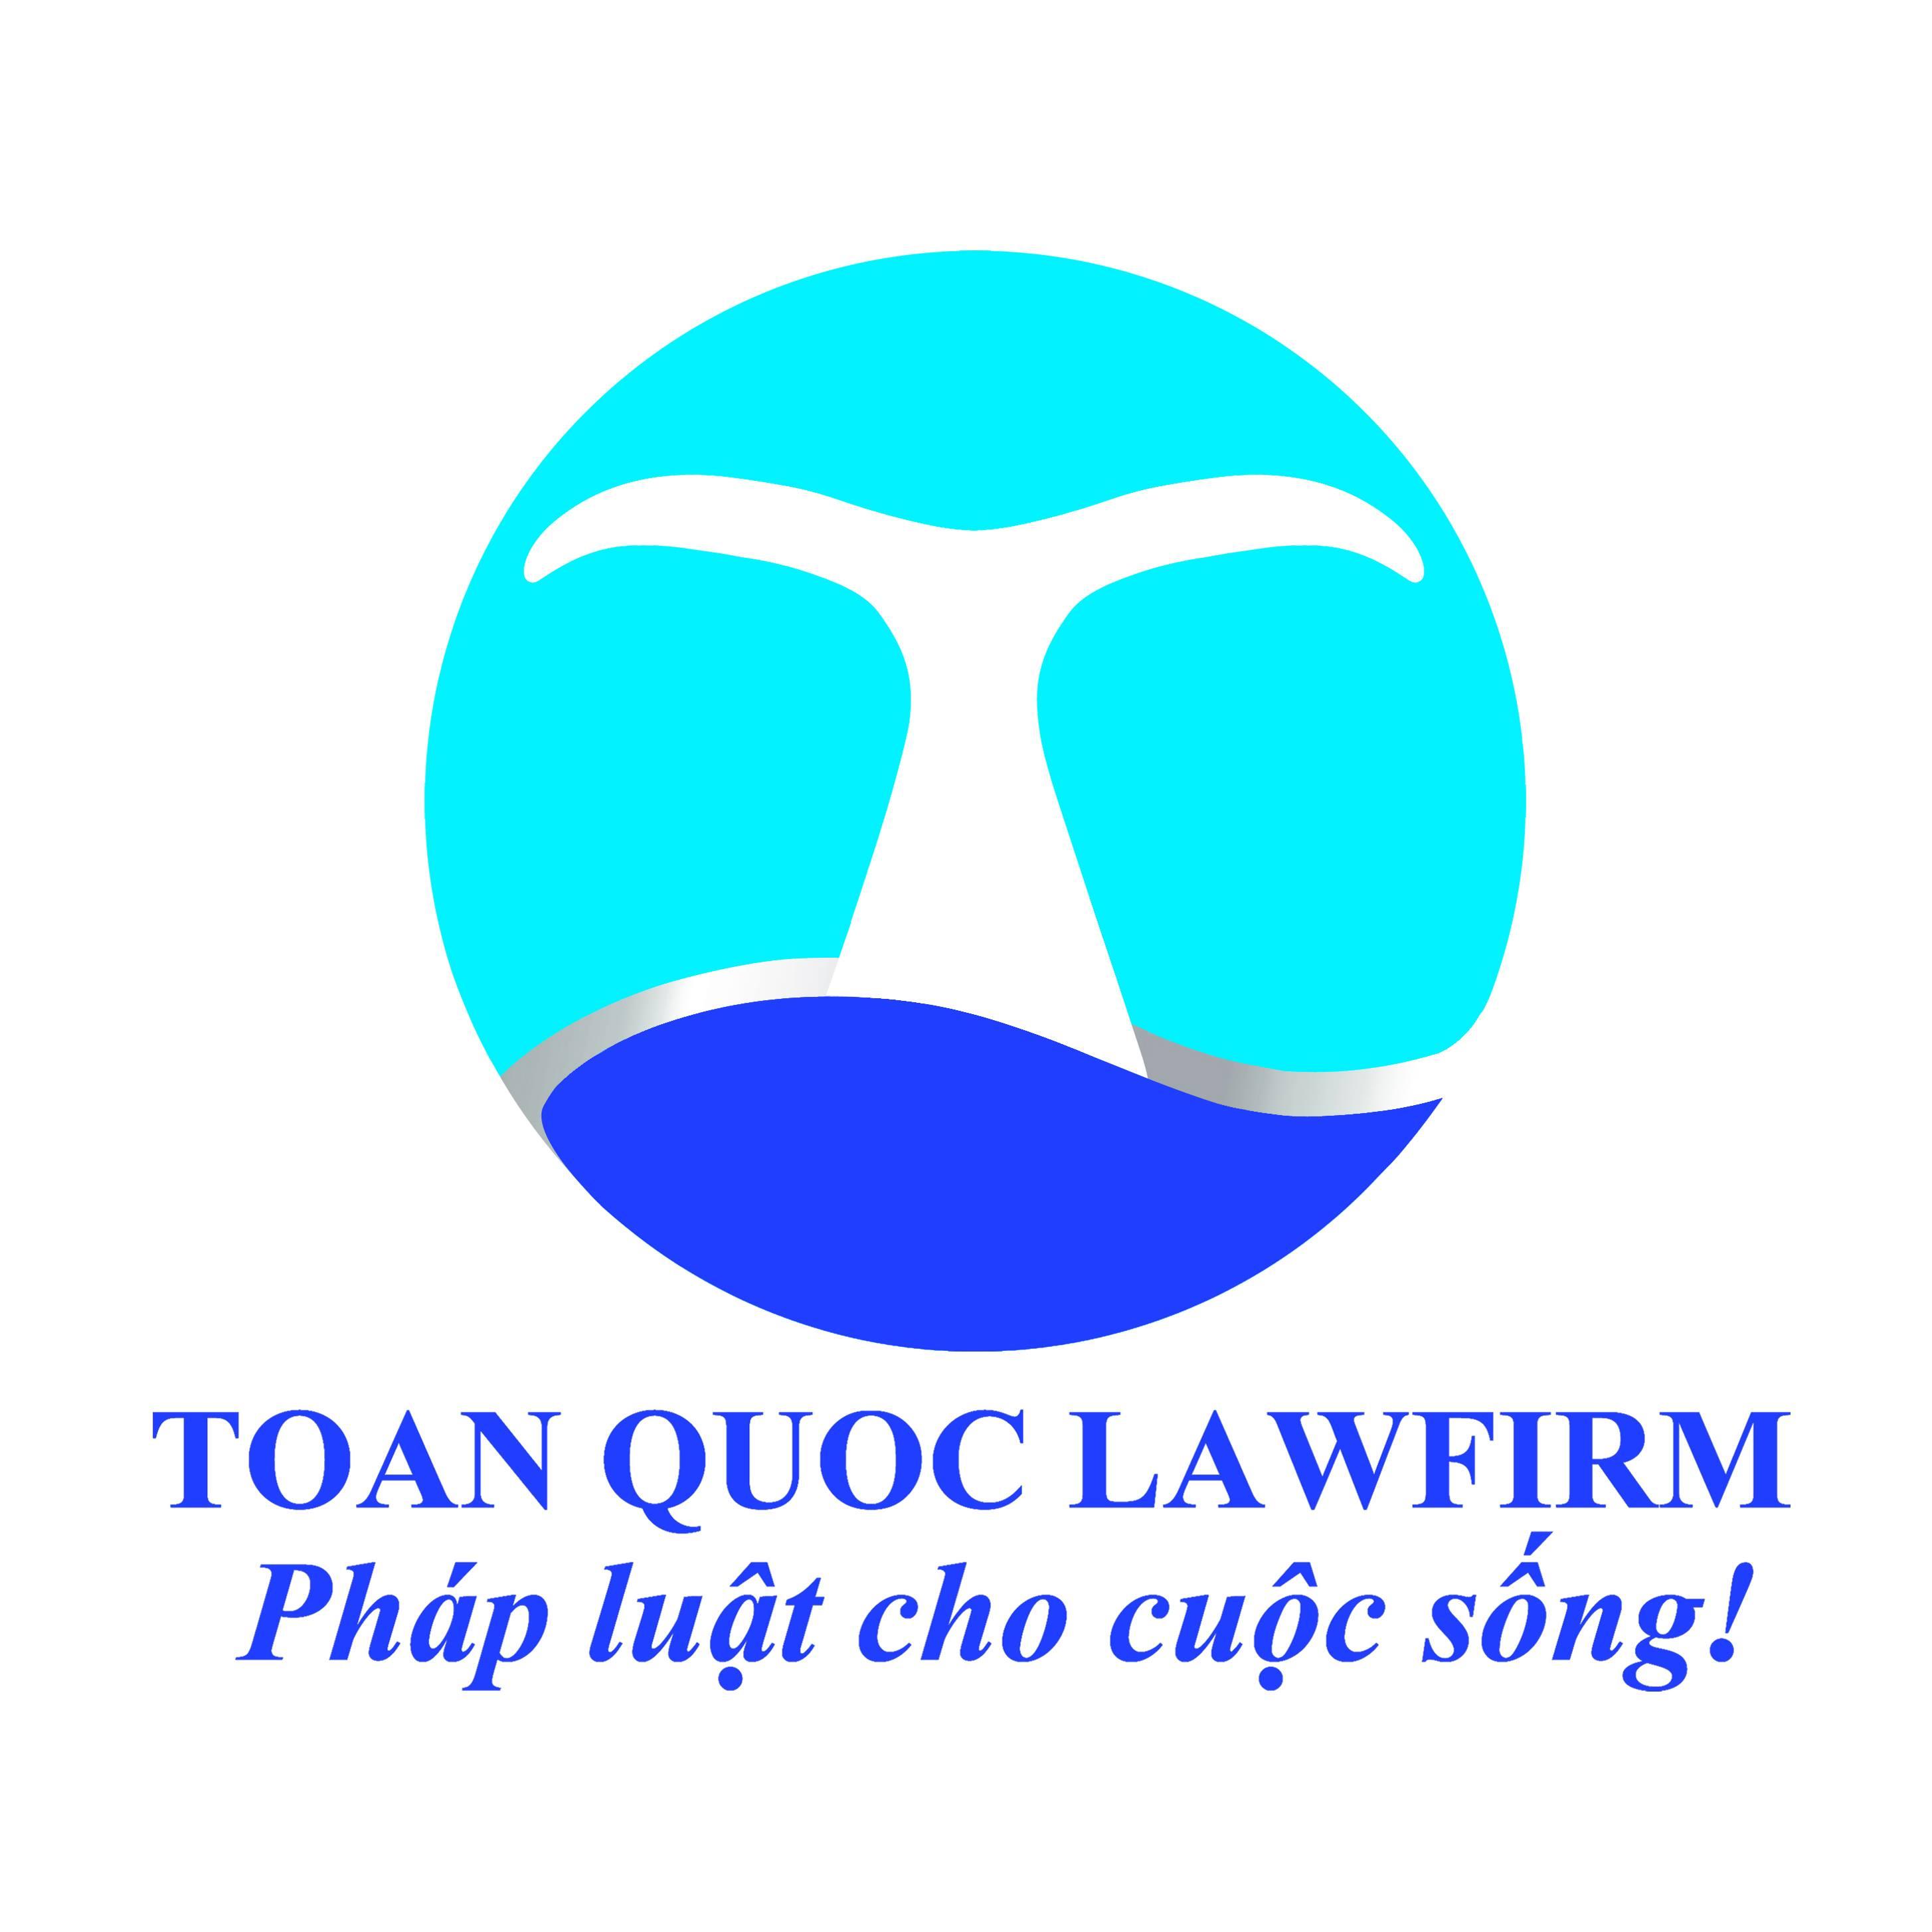 Quyết định 20/2017/QĐ-UBND quy định hạn mức giao đất tại Hà Nội